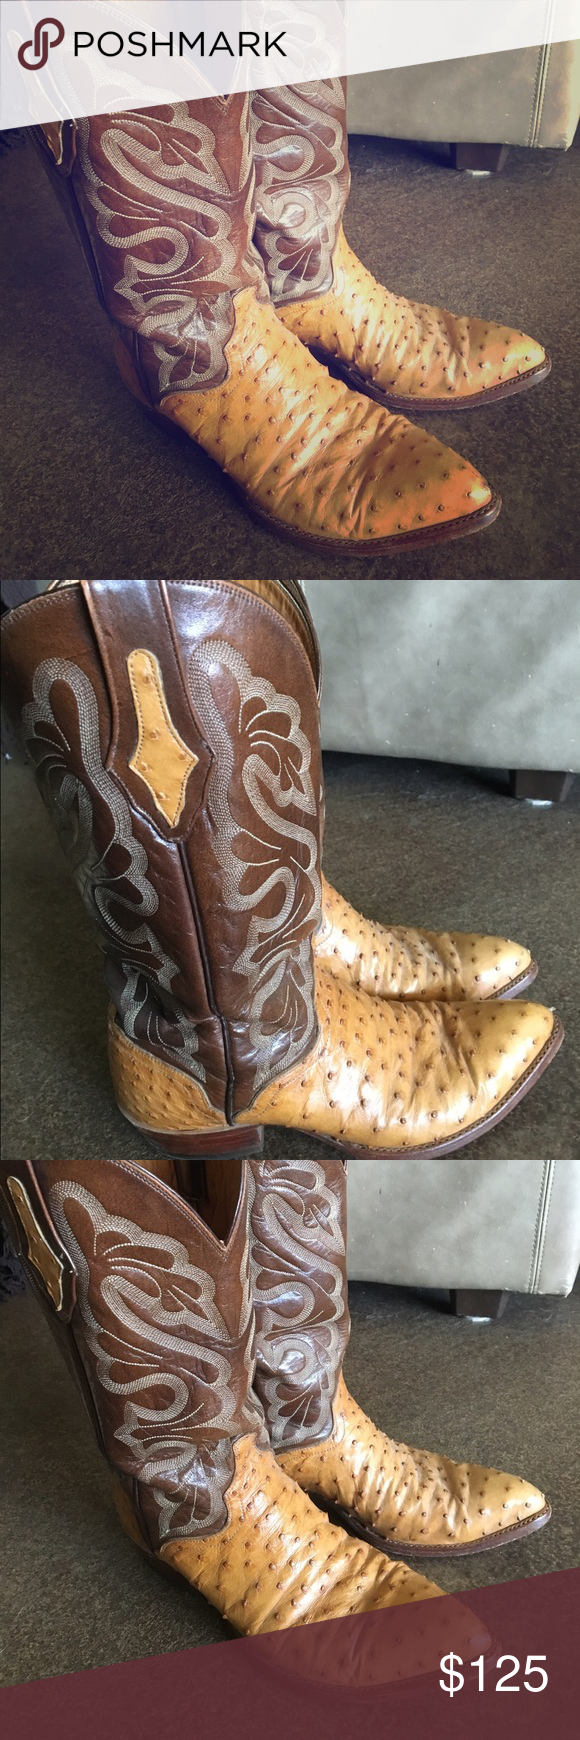 Mens Vintage El dorado ostrich skin boots Mens Vintage El dorado ostrich skin boots size 9 1/2 D in amazing condition. el dorado Shoes Boots